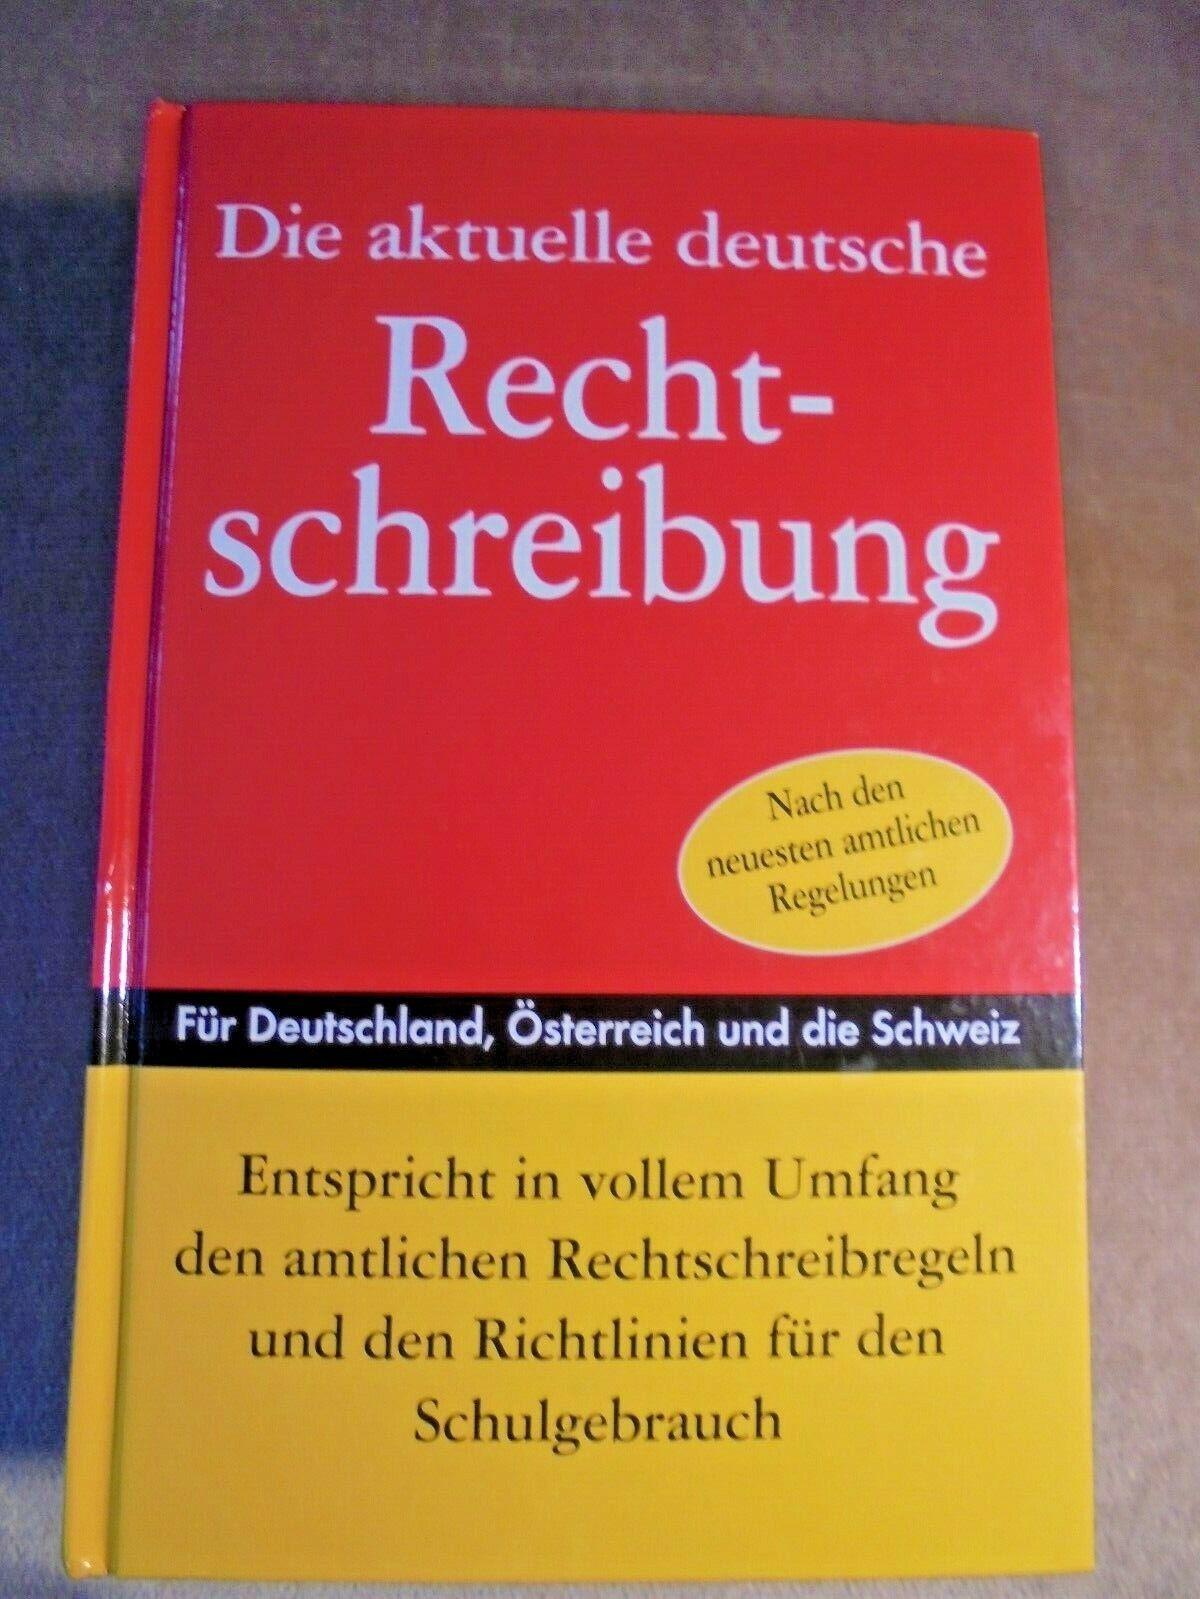 Die aktuelle deutsche Rechtschreibung